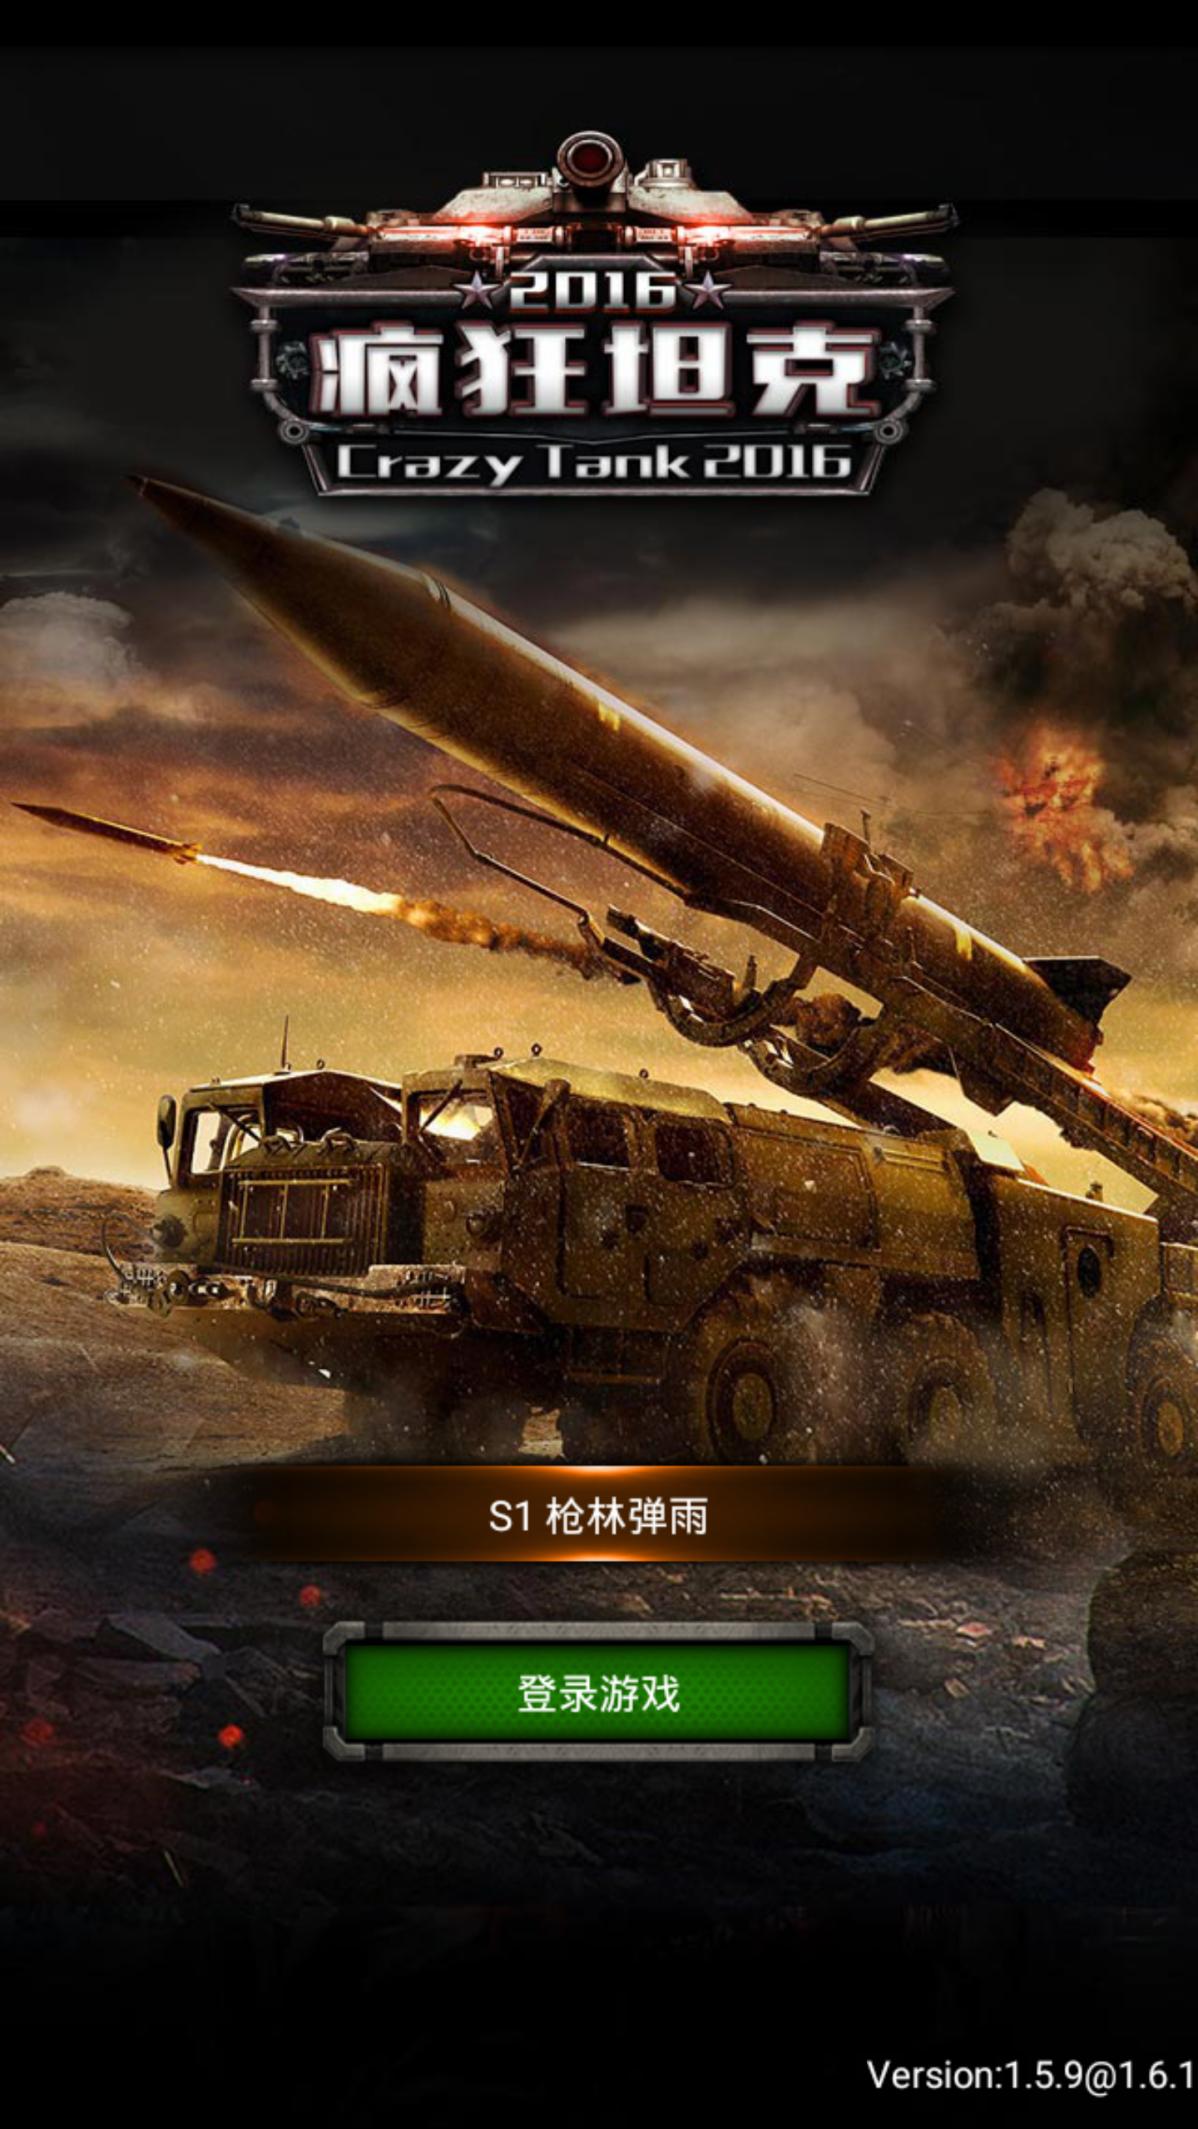 疯狂坦克2016评测:坦克之间的对决[多图]